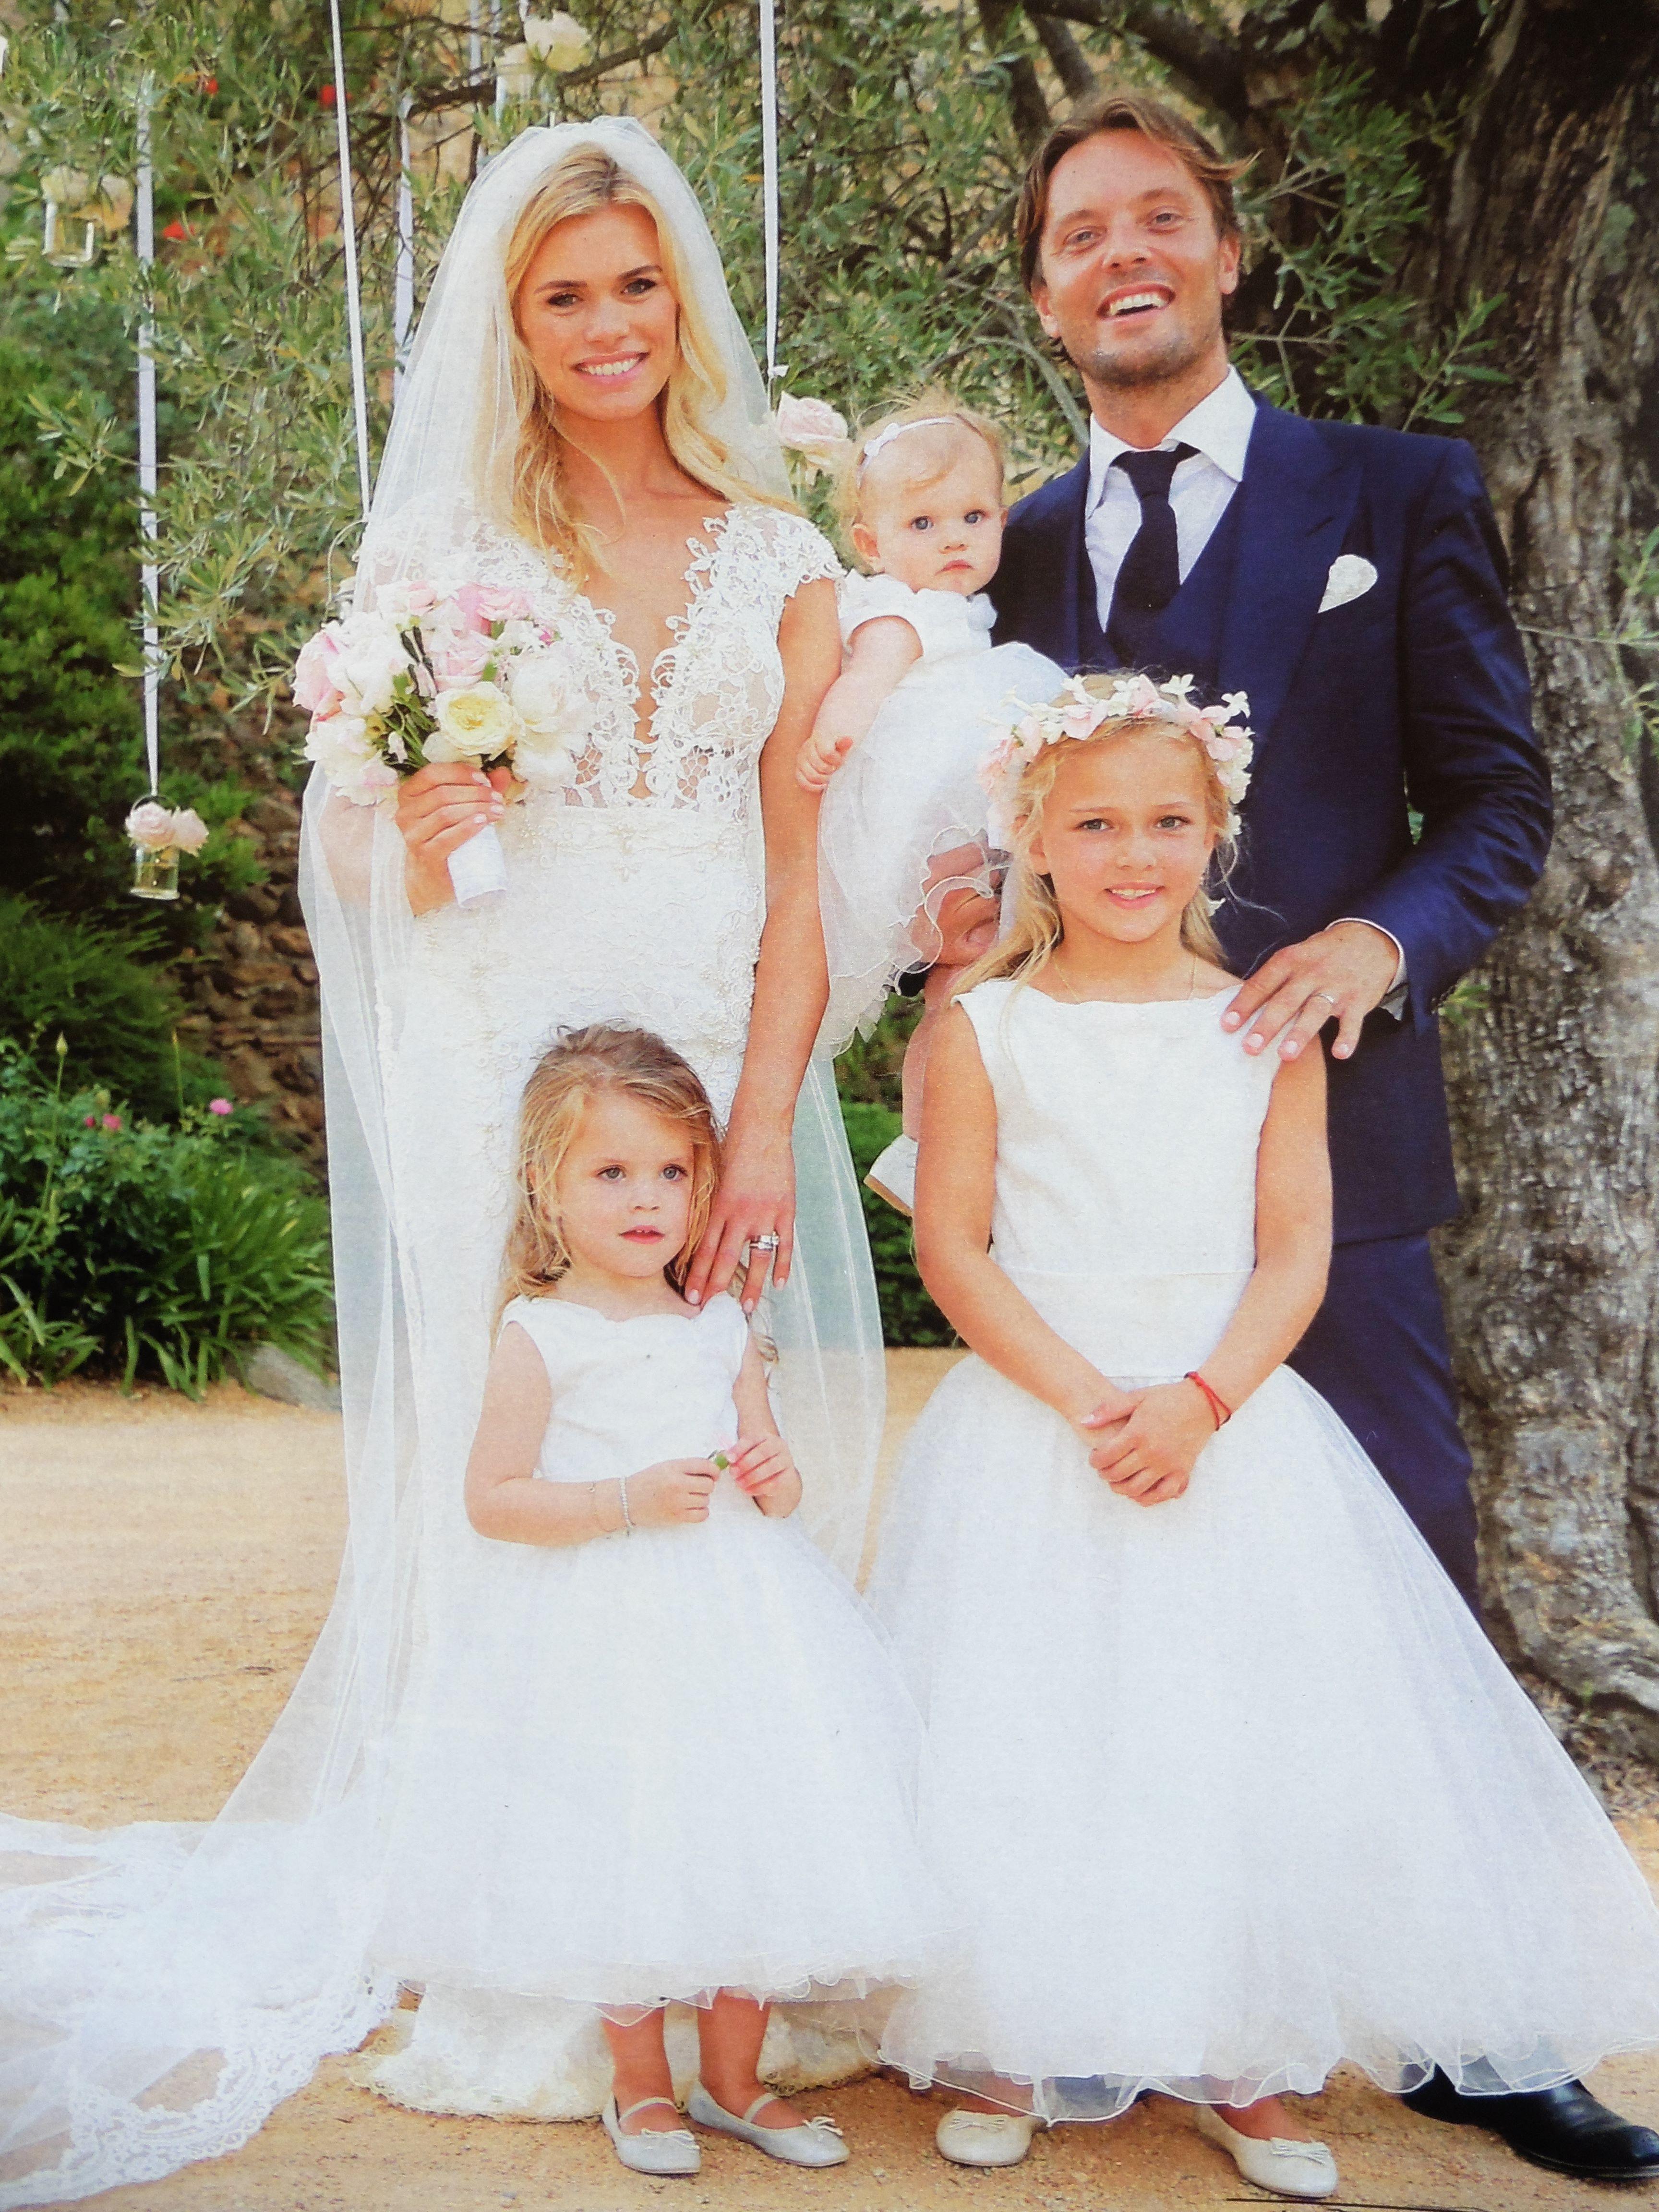 Nicolet van Dam trouwt op 4 juli 2015 in Spanje met haar Bas